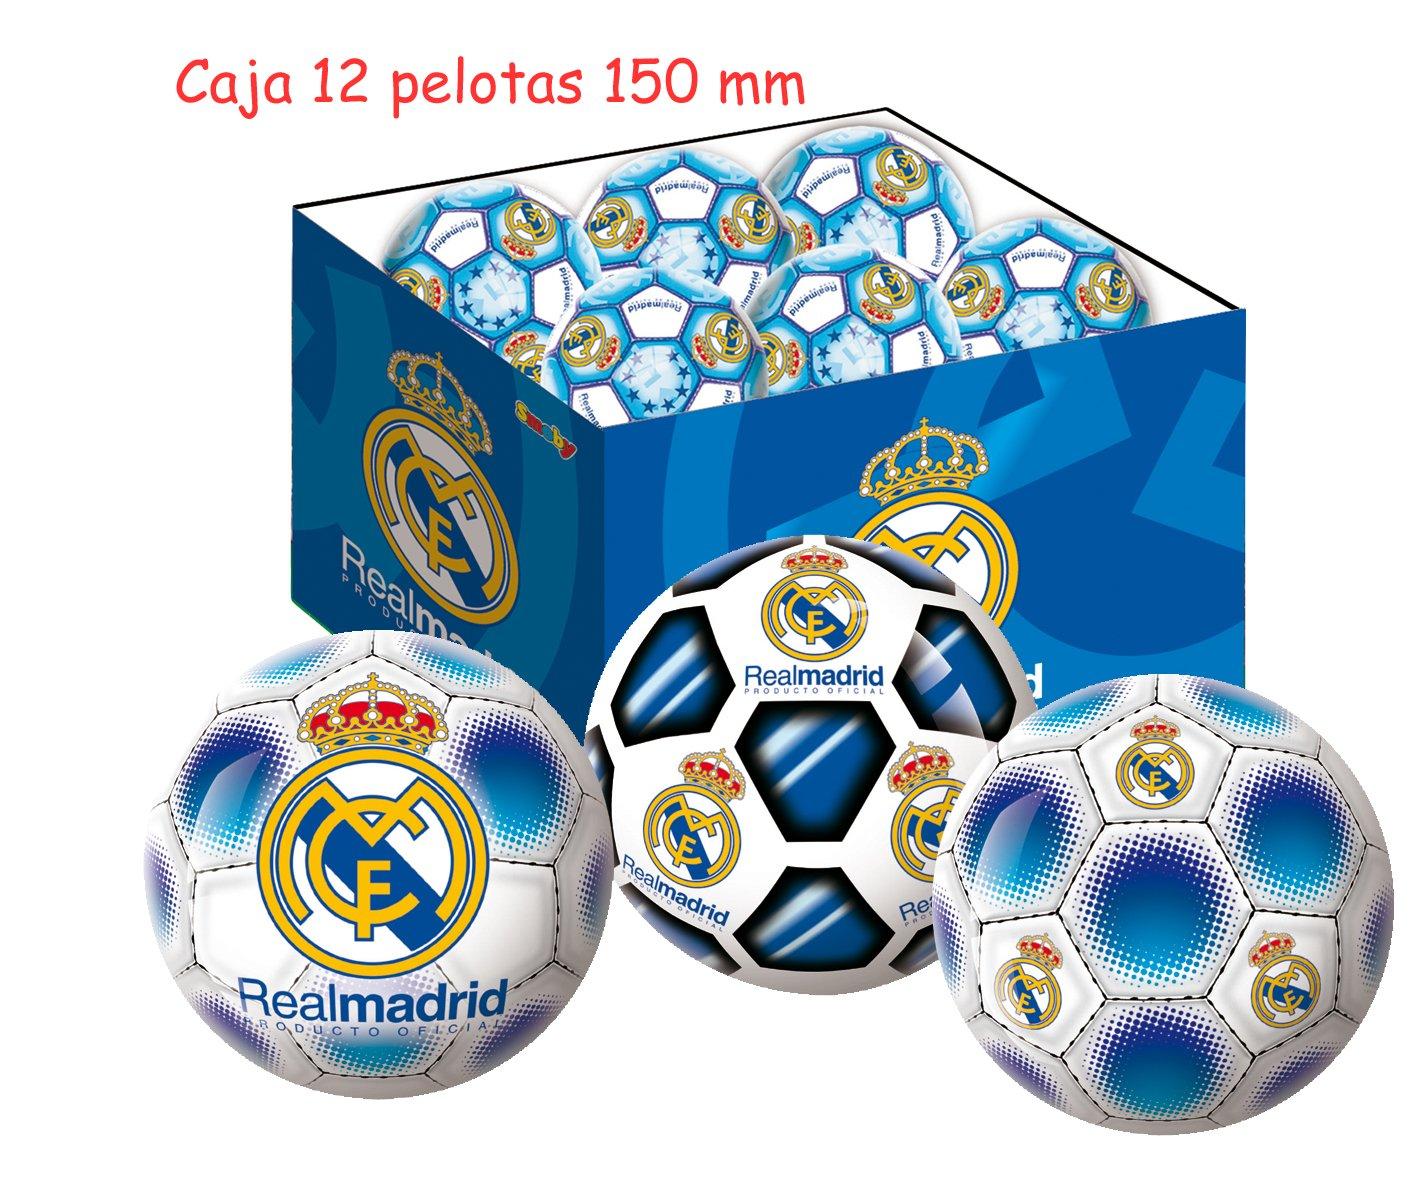 Unice - Caja 12 Pelotas 150 mm Real Madrid: Amazon.es: Juguetes y ...